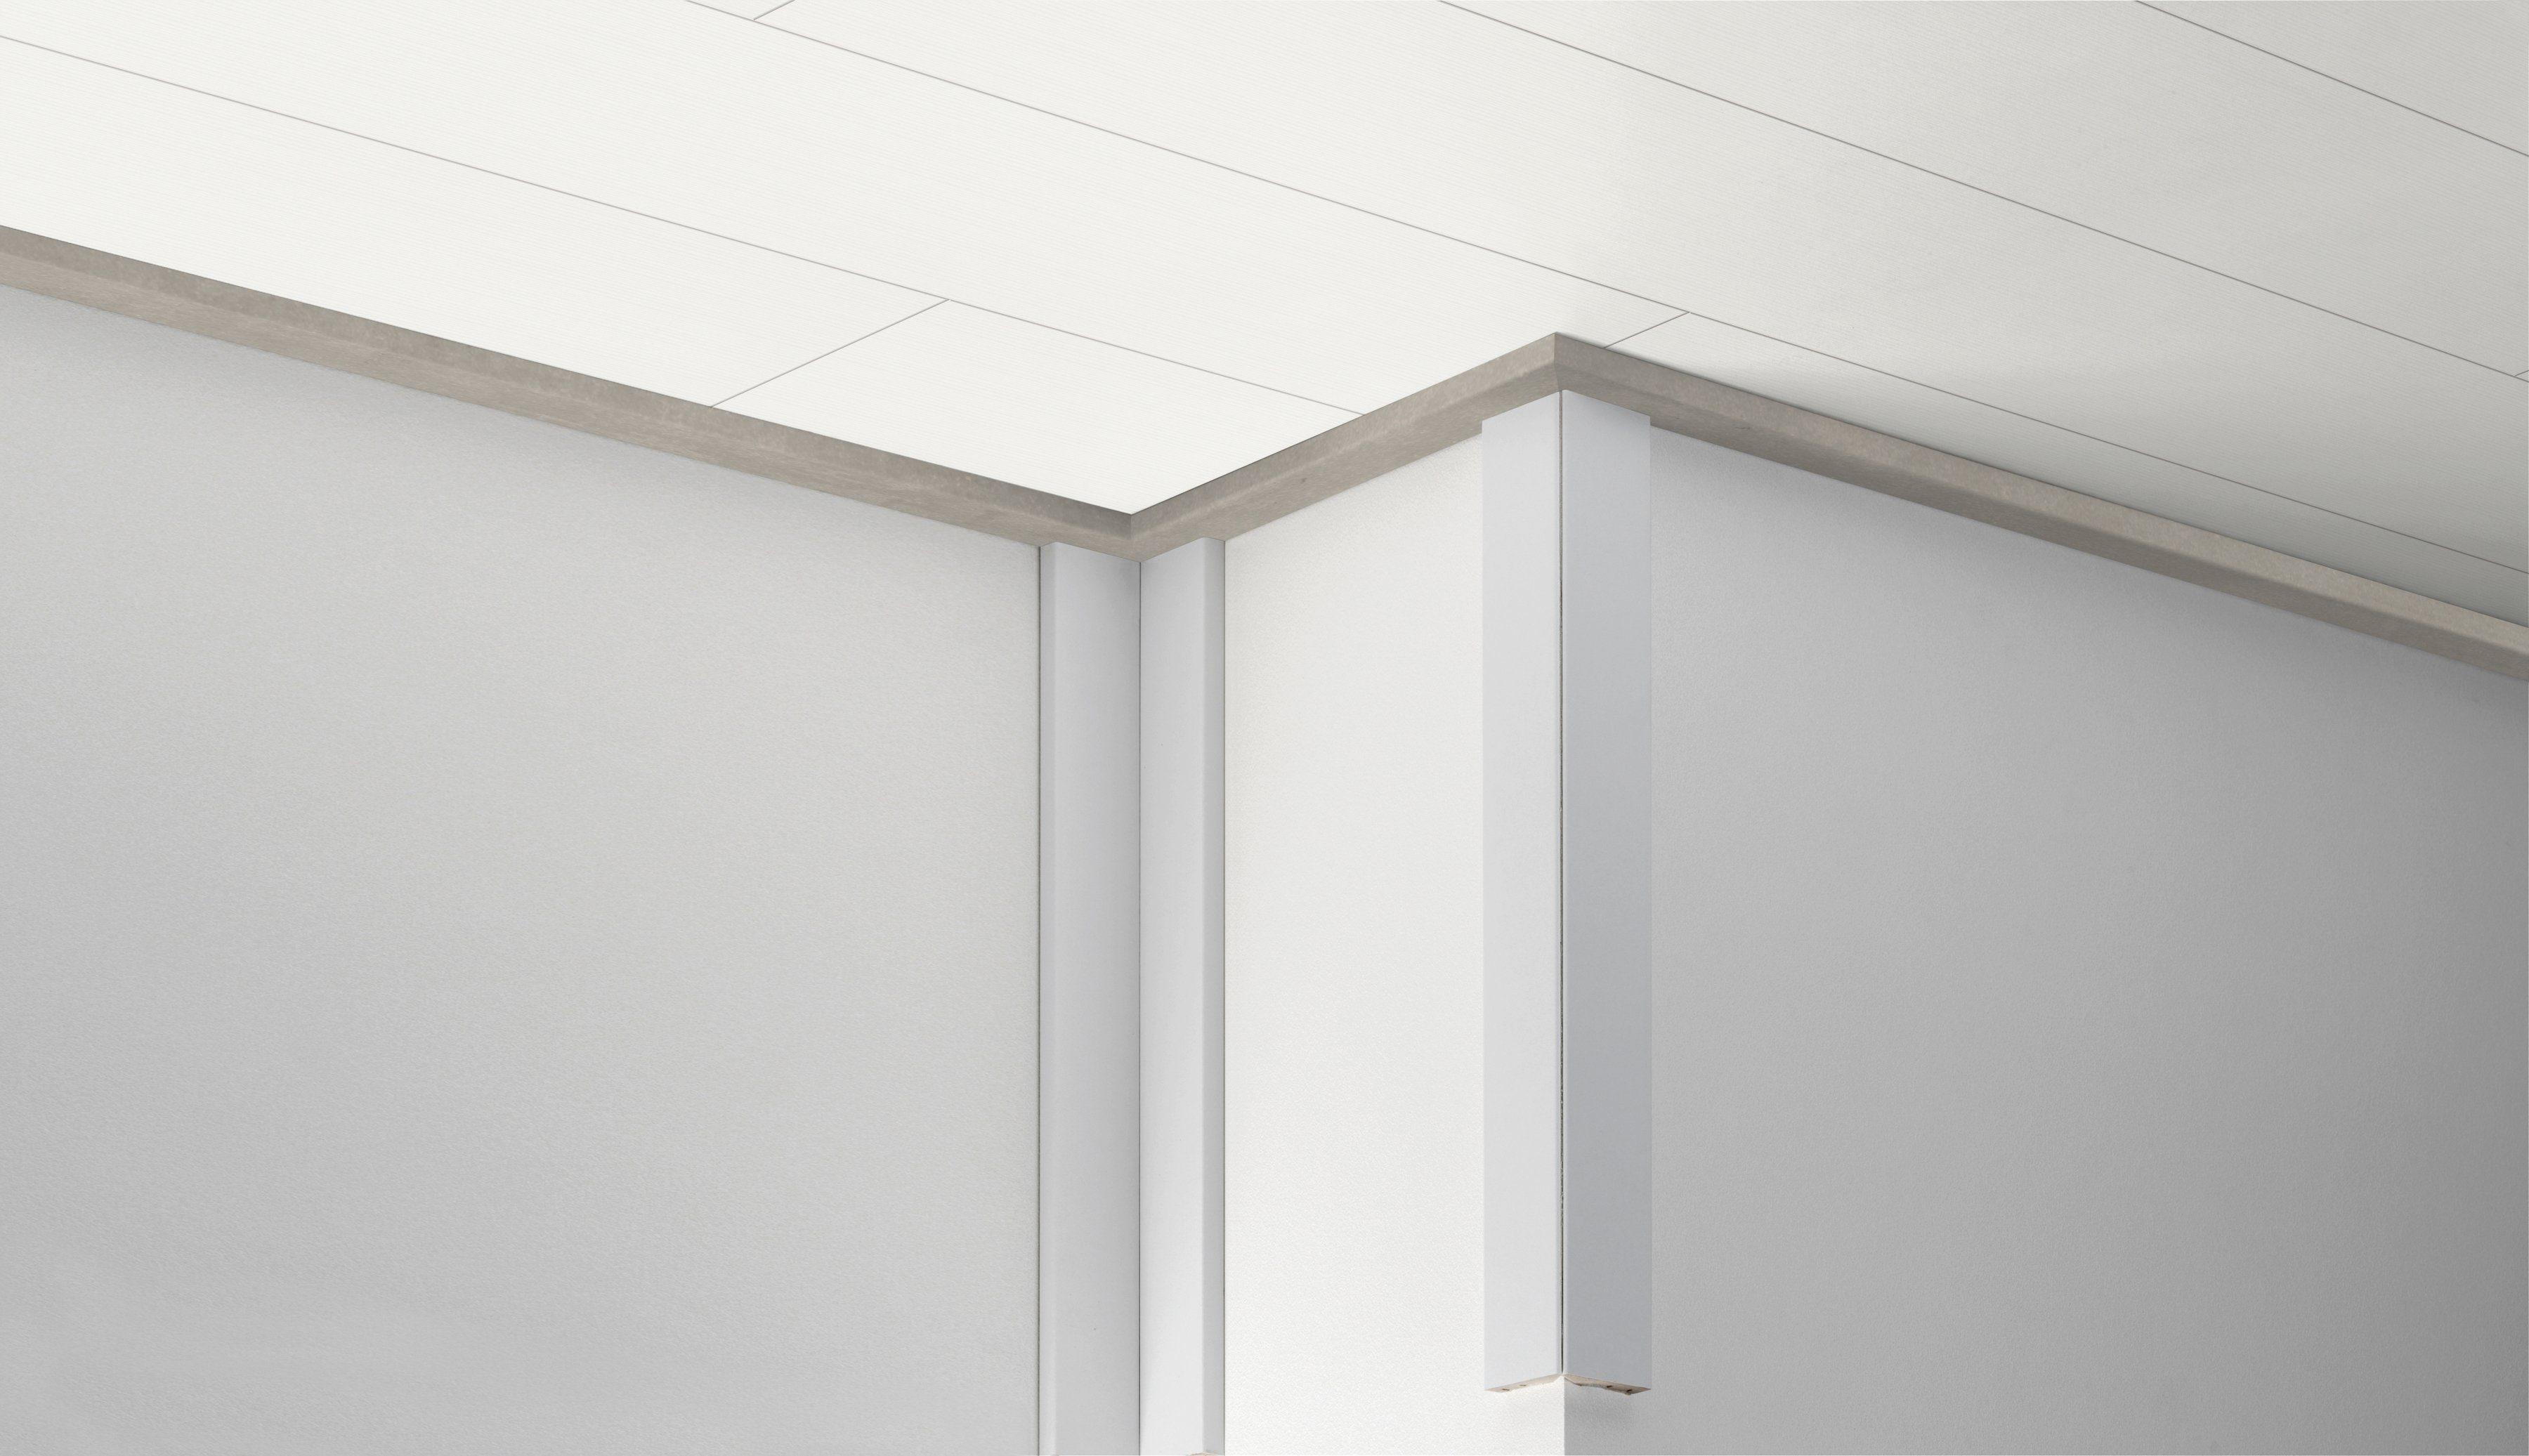 PARADOR Abschlussleiste »ClickBoard«, BxL: 3,2x258 cm